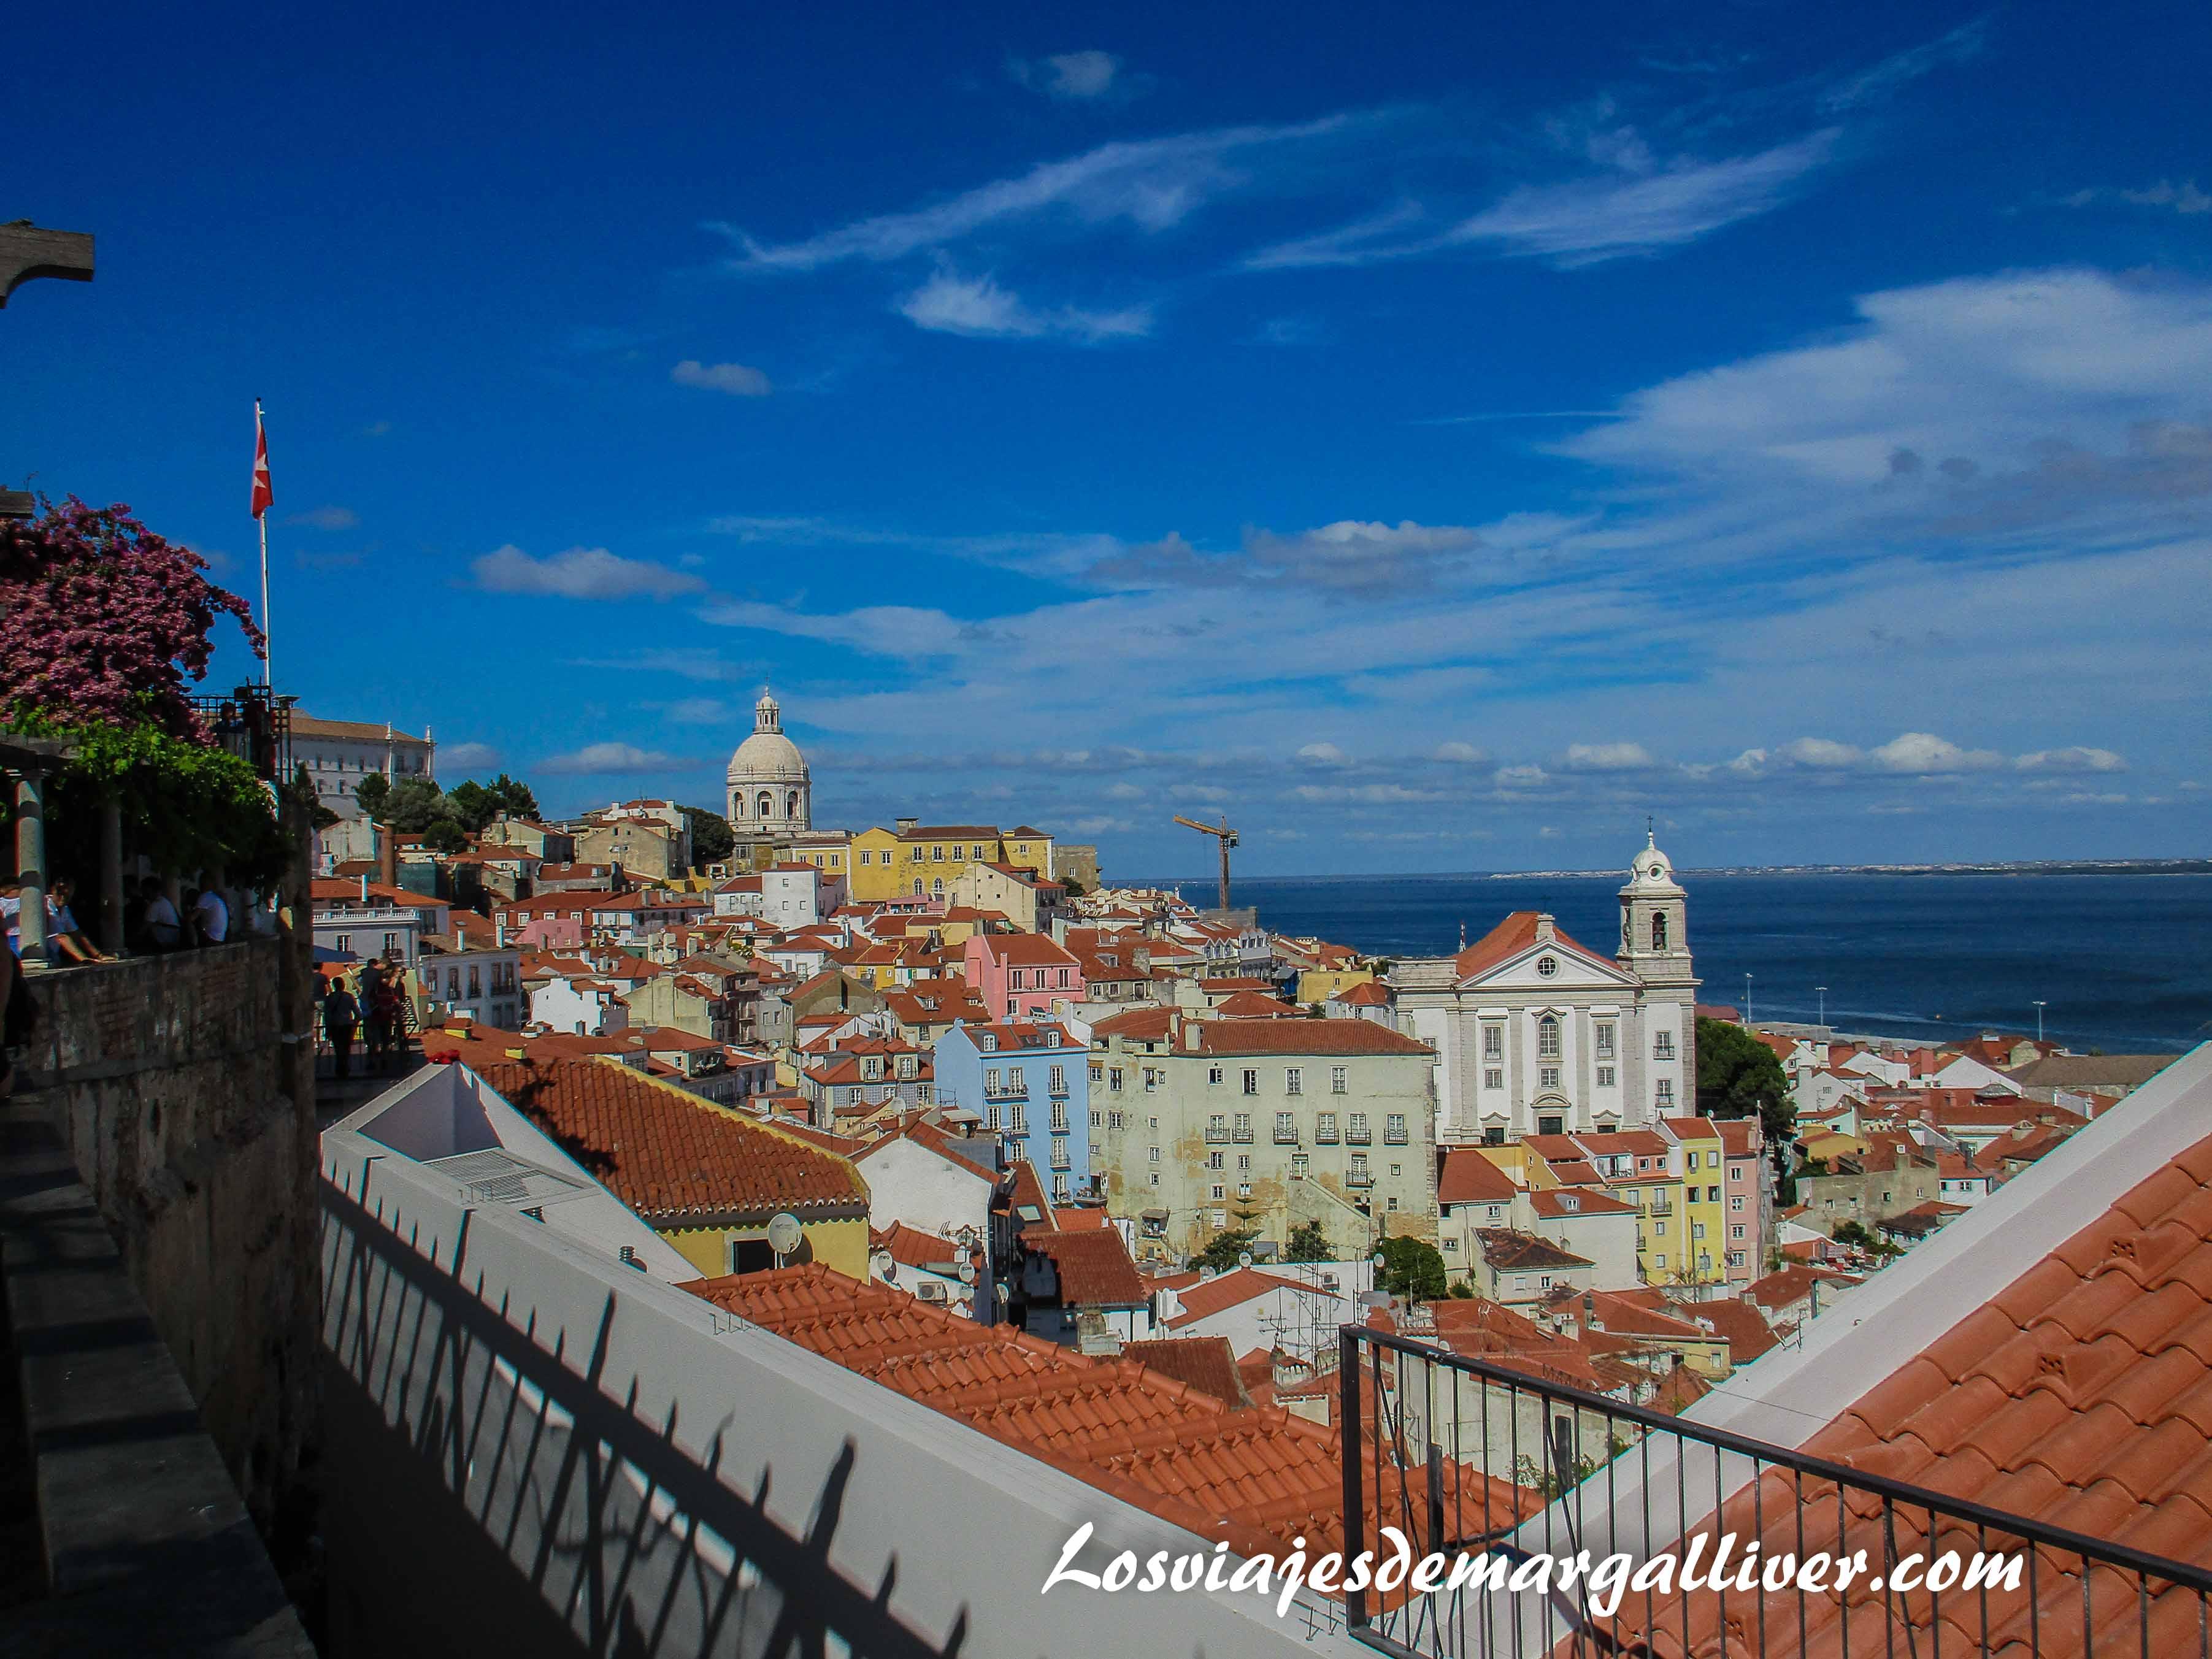 Mirador de Santa Lucía en Lisboa - Los viajes de Margalliver